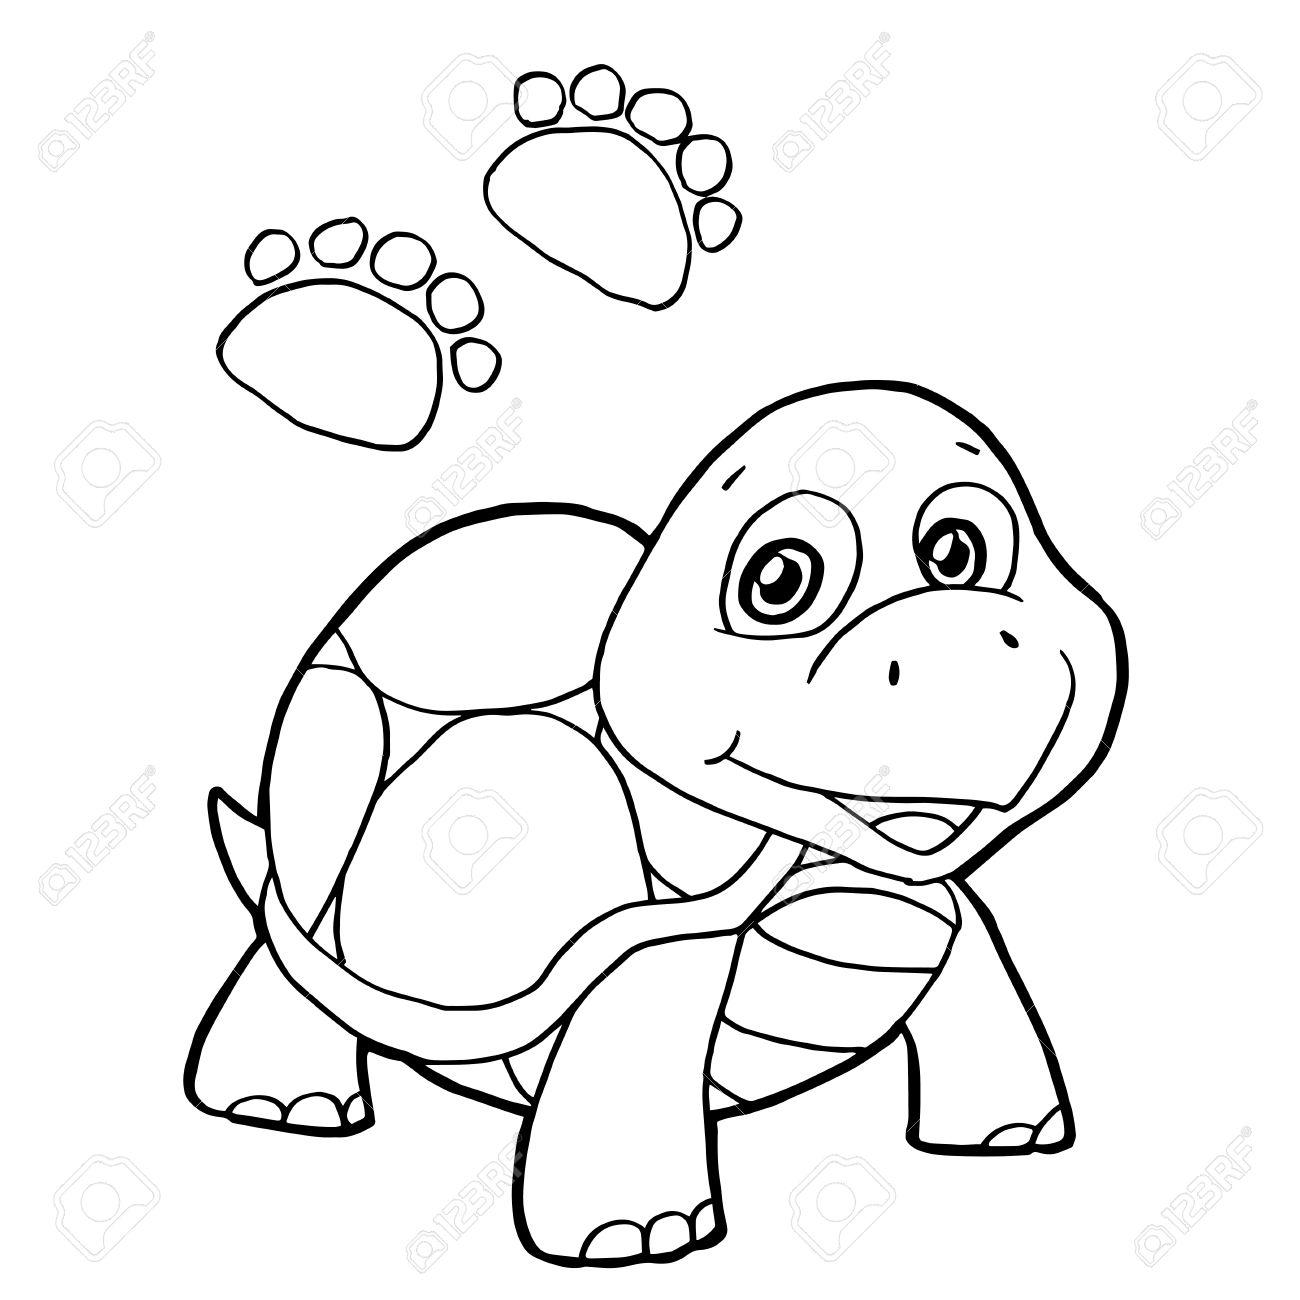 Tortuga Colorear. Cheap Dibujo De Tortuga Para Colorear. Finest ...